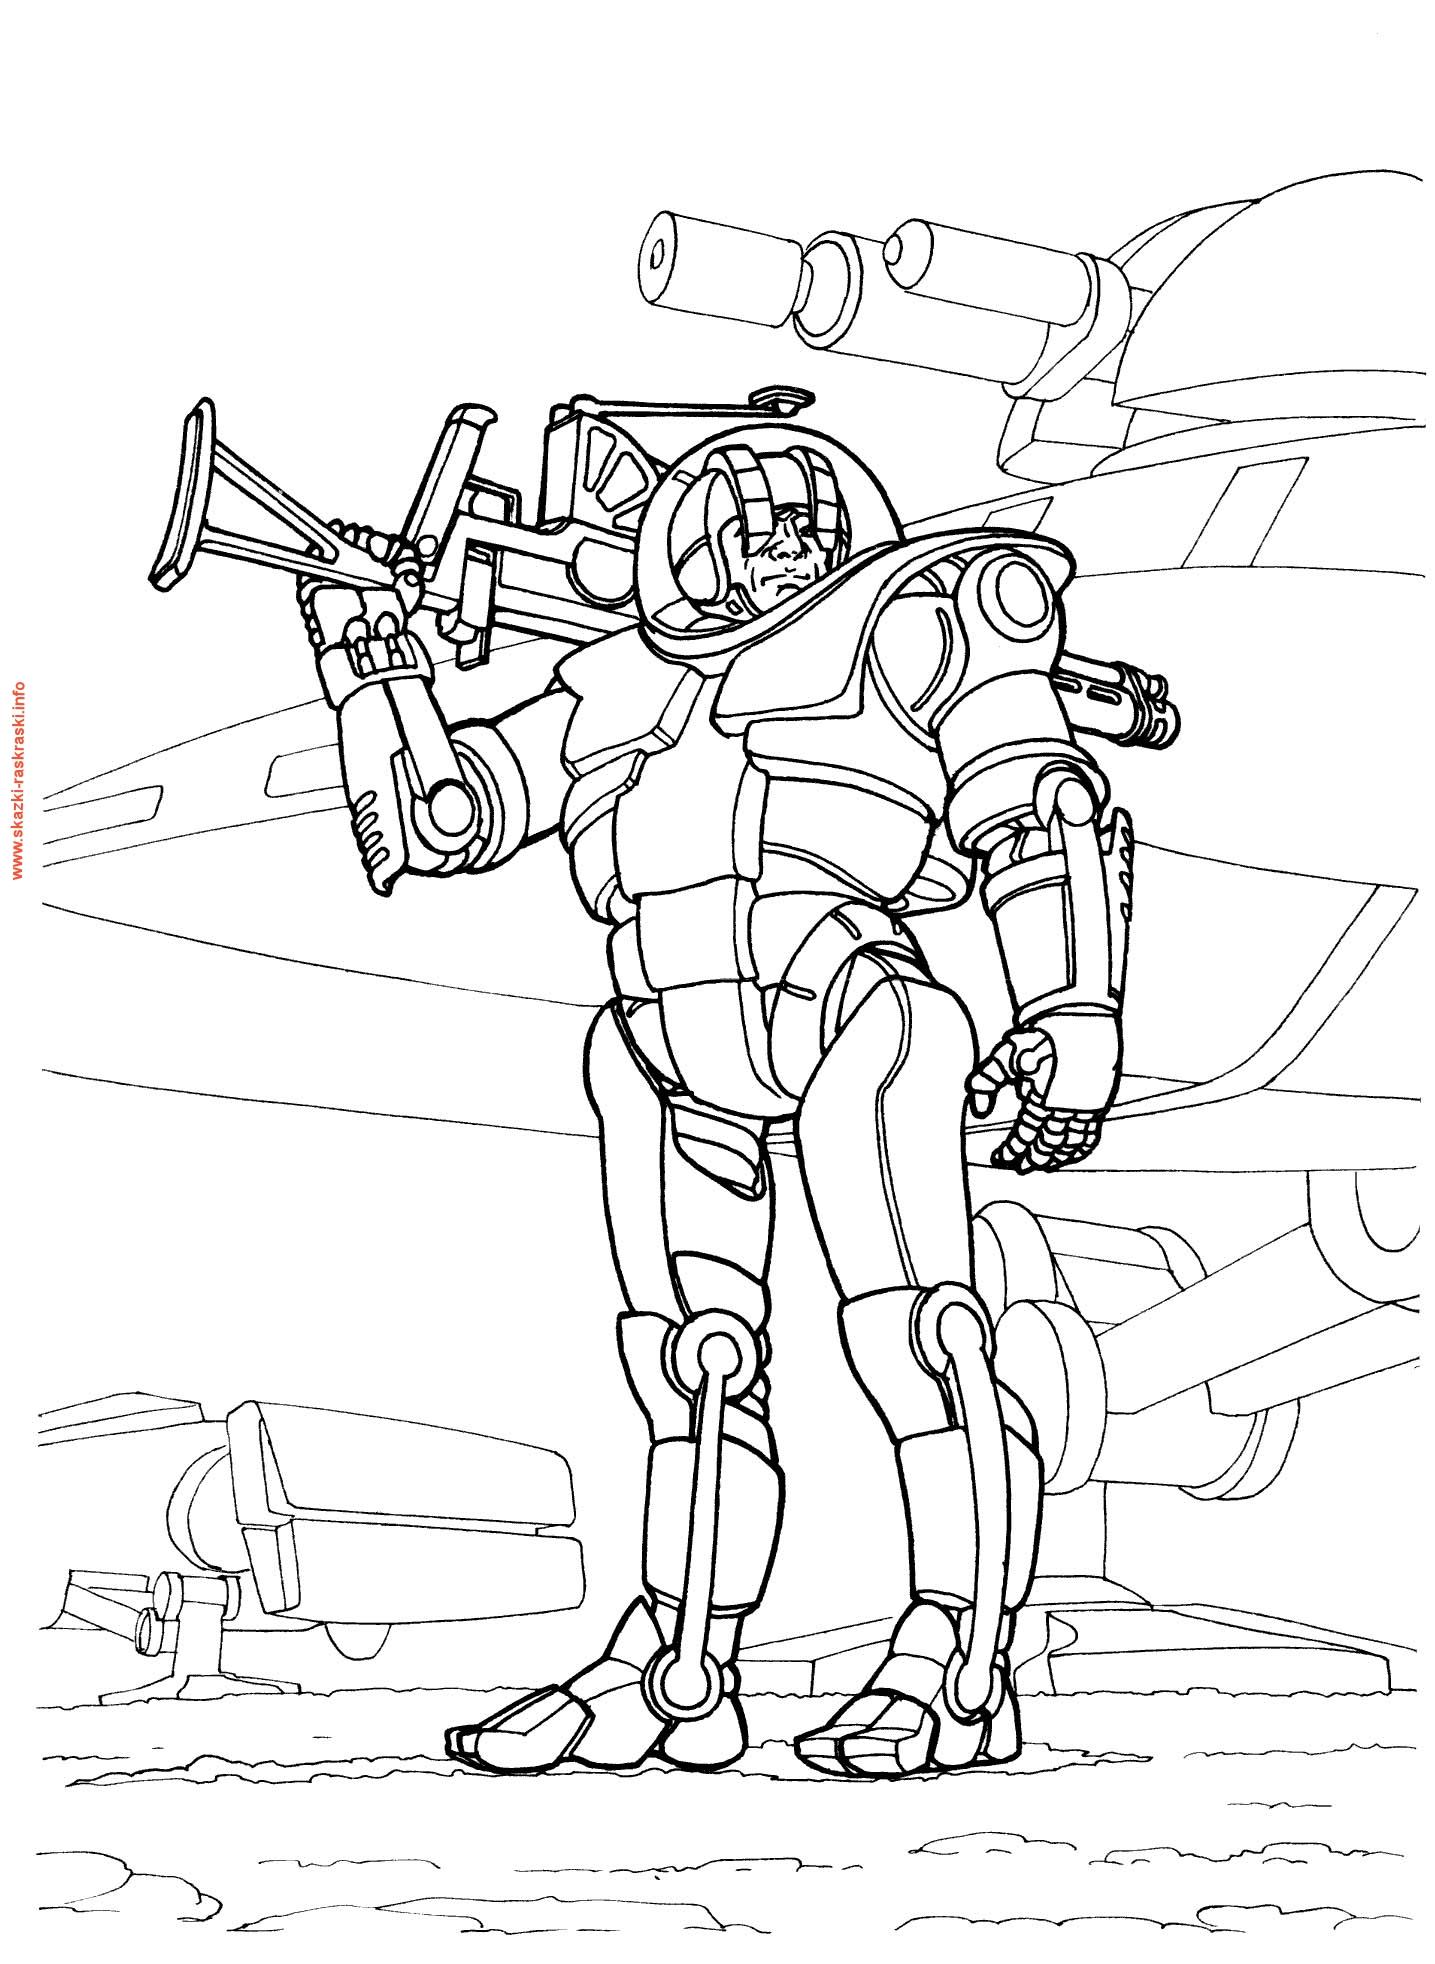 солдат будущего Раскрашивать раскраски для мальчиков